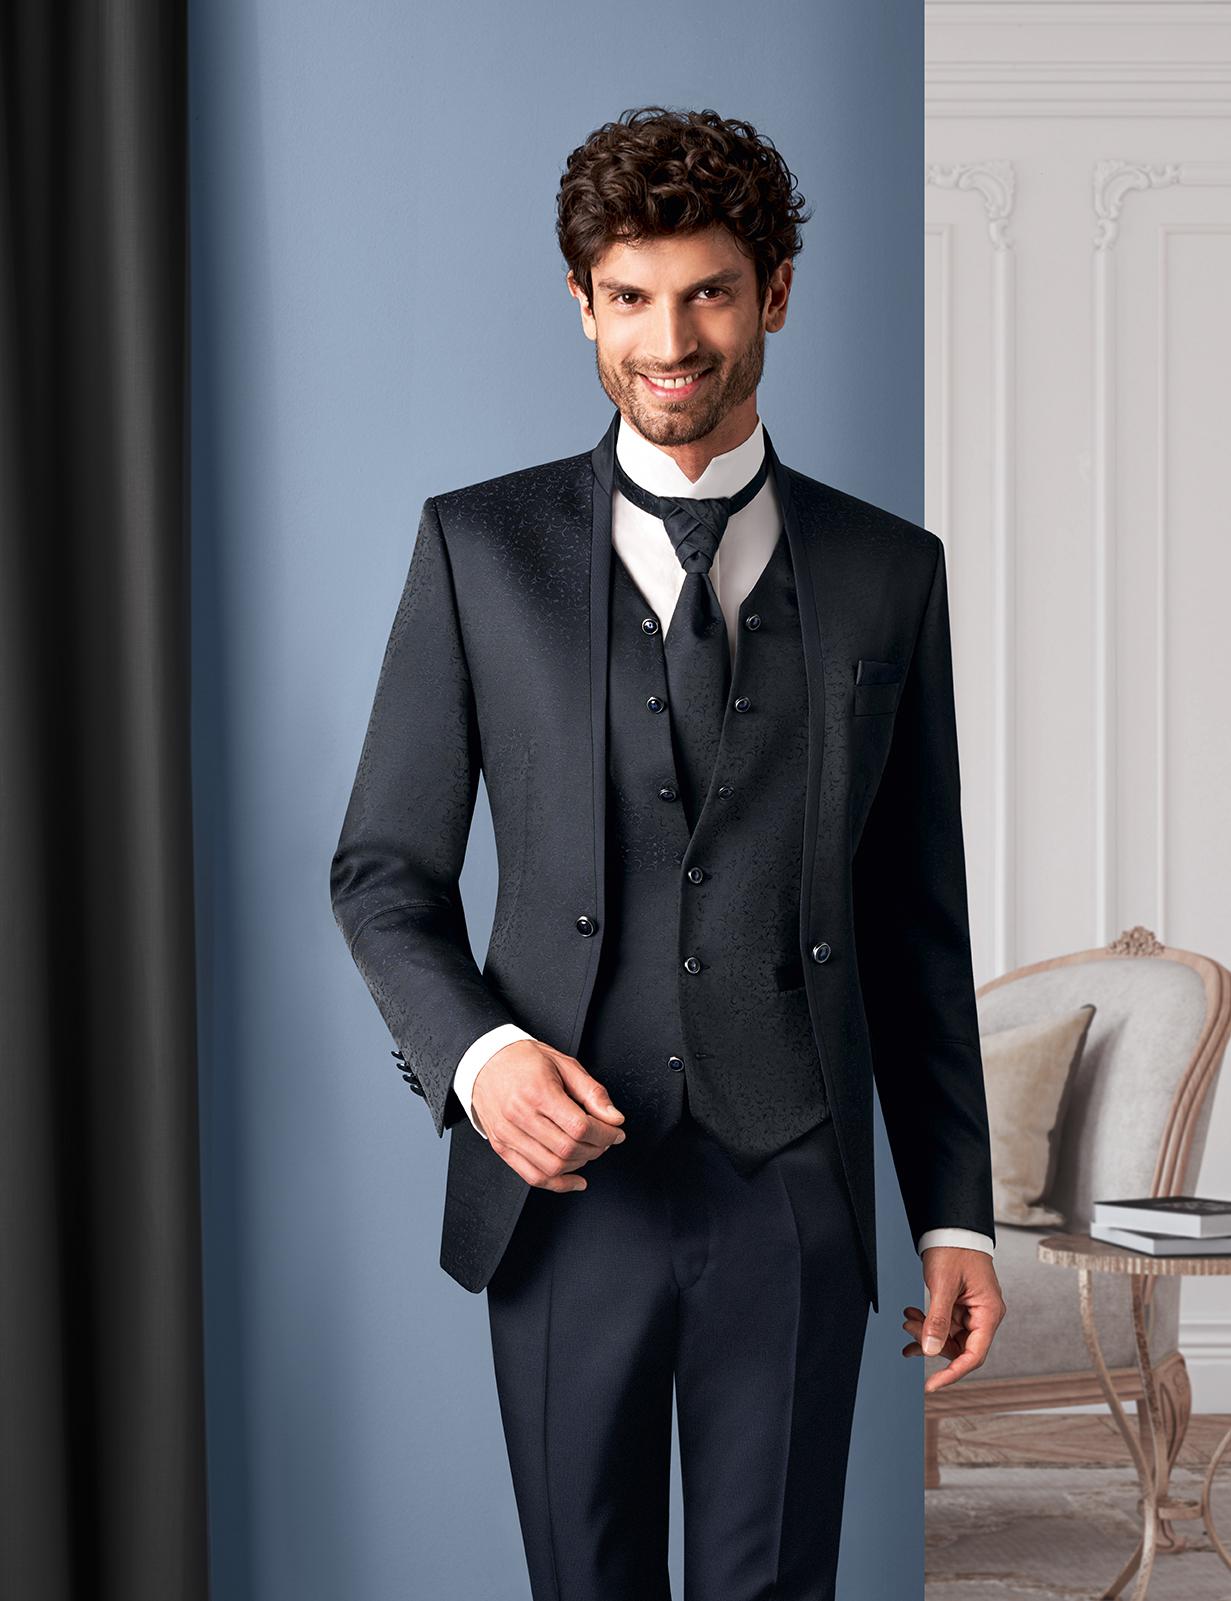 Wilvorst Tziacco Hochzeitsanzug Männer Mode Bräutigam extravagant dunkelblau mit Weste schmaler Stehkragen weisses Hemd Stehkragen